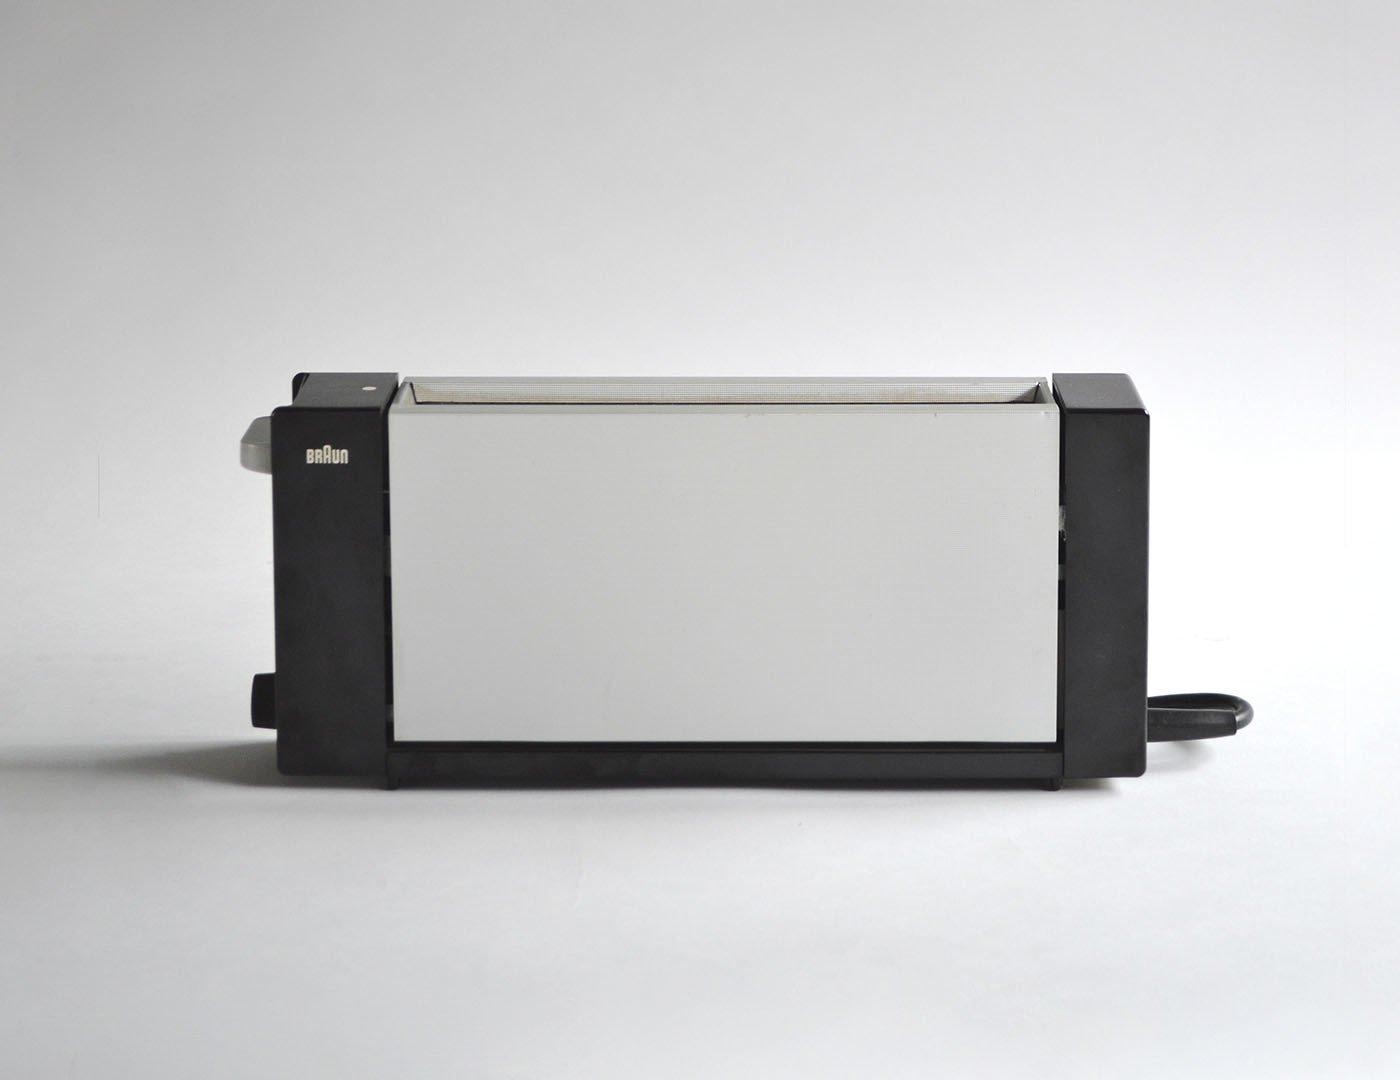 Vorlage 2 für glänzendes Metall: Toaster HT2 (1963) von Dieter Rams für Braun. Foto: Braun